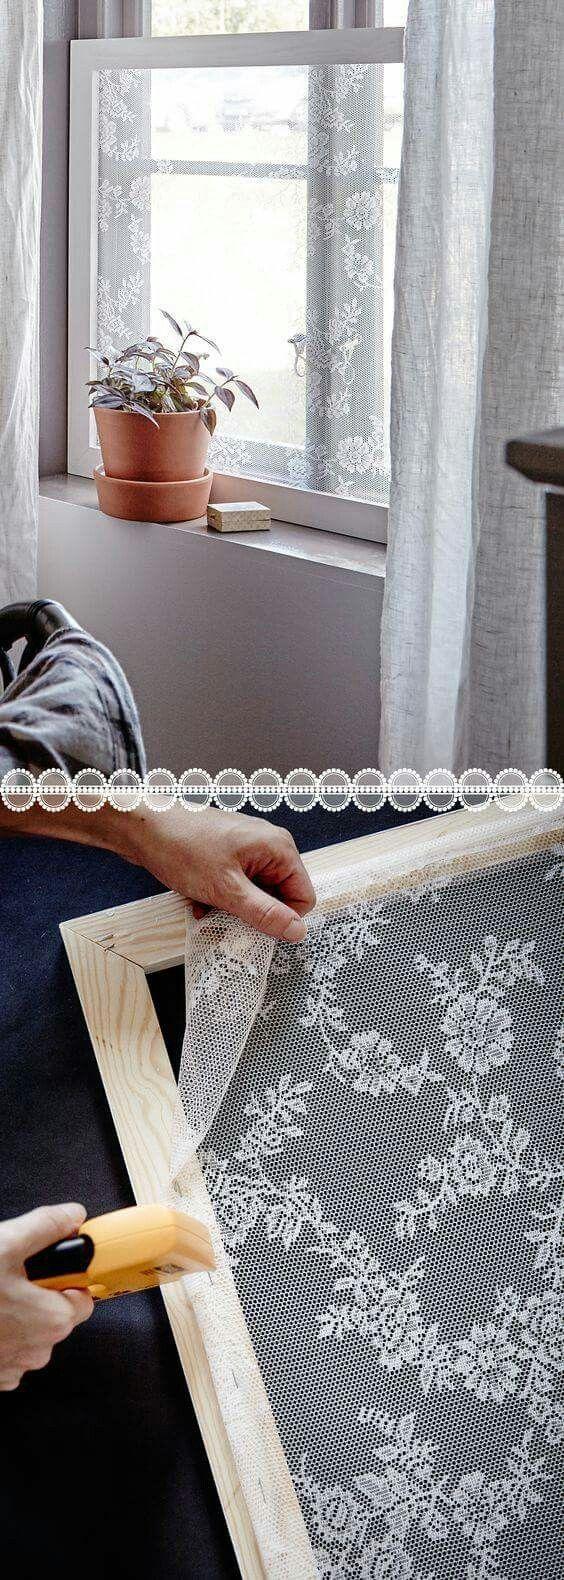 GroBartig Sichtschutz Für Das Fenster Selber Machen L Window Screens Made From Lace  By Freida